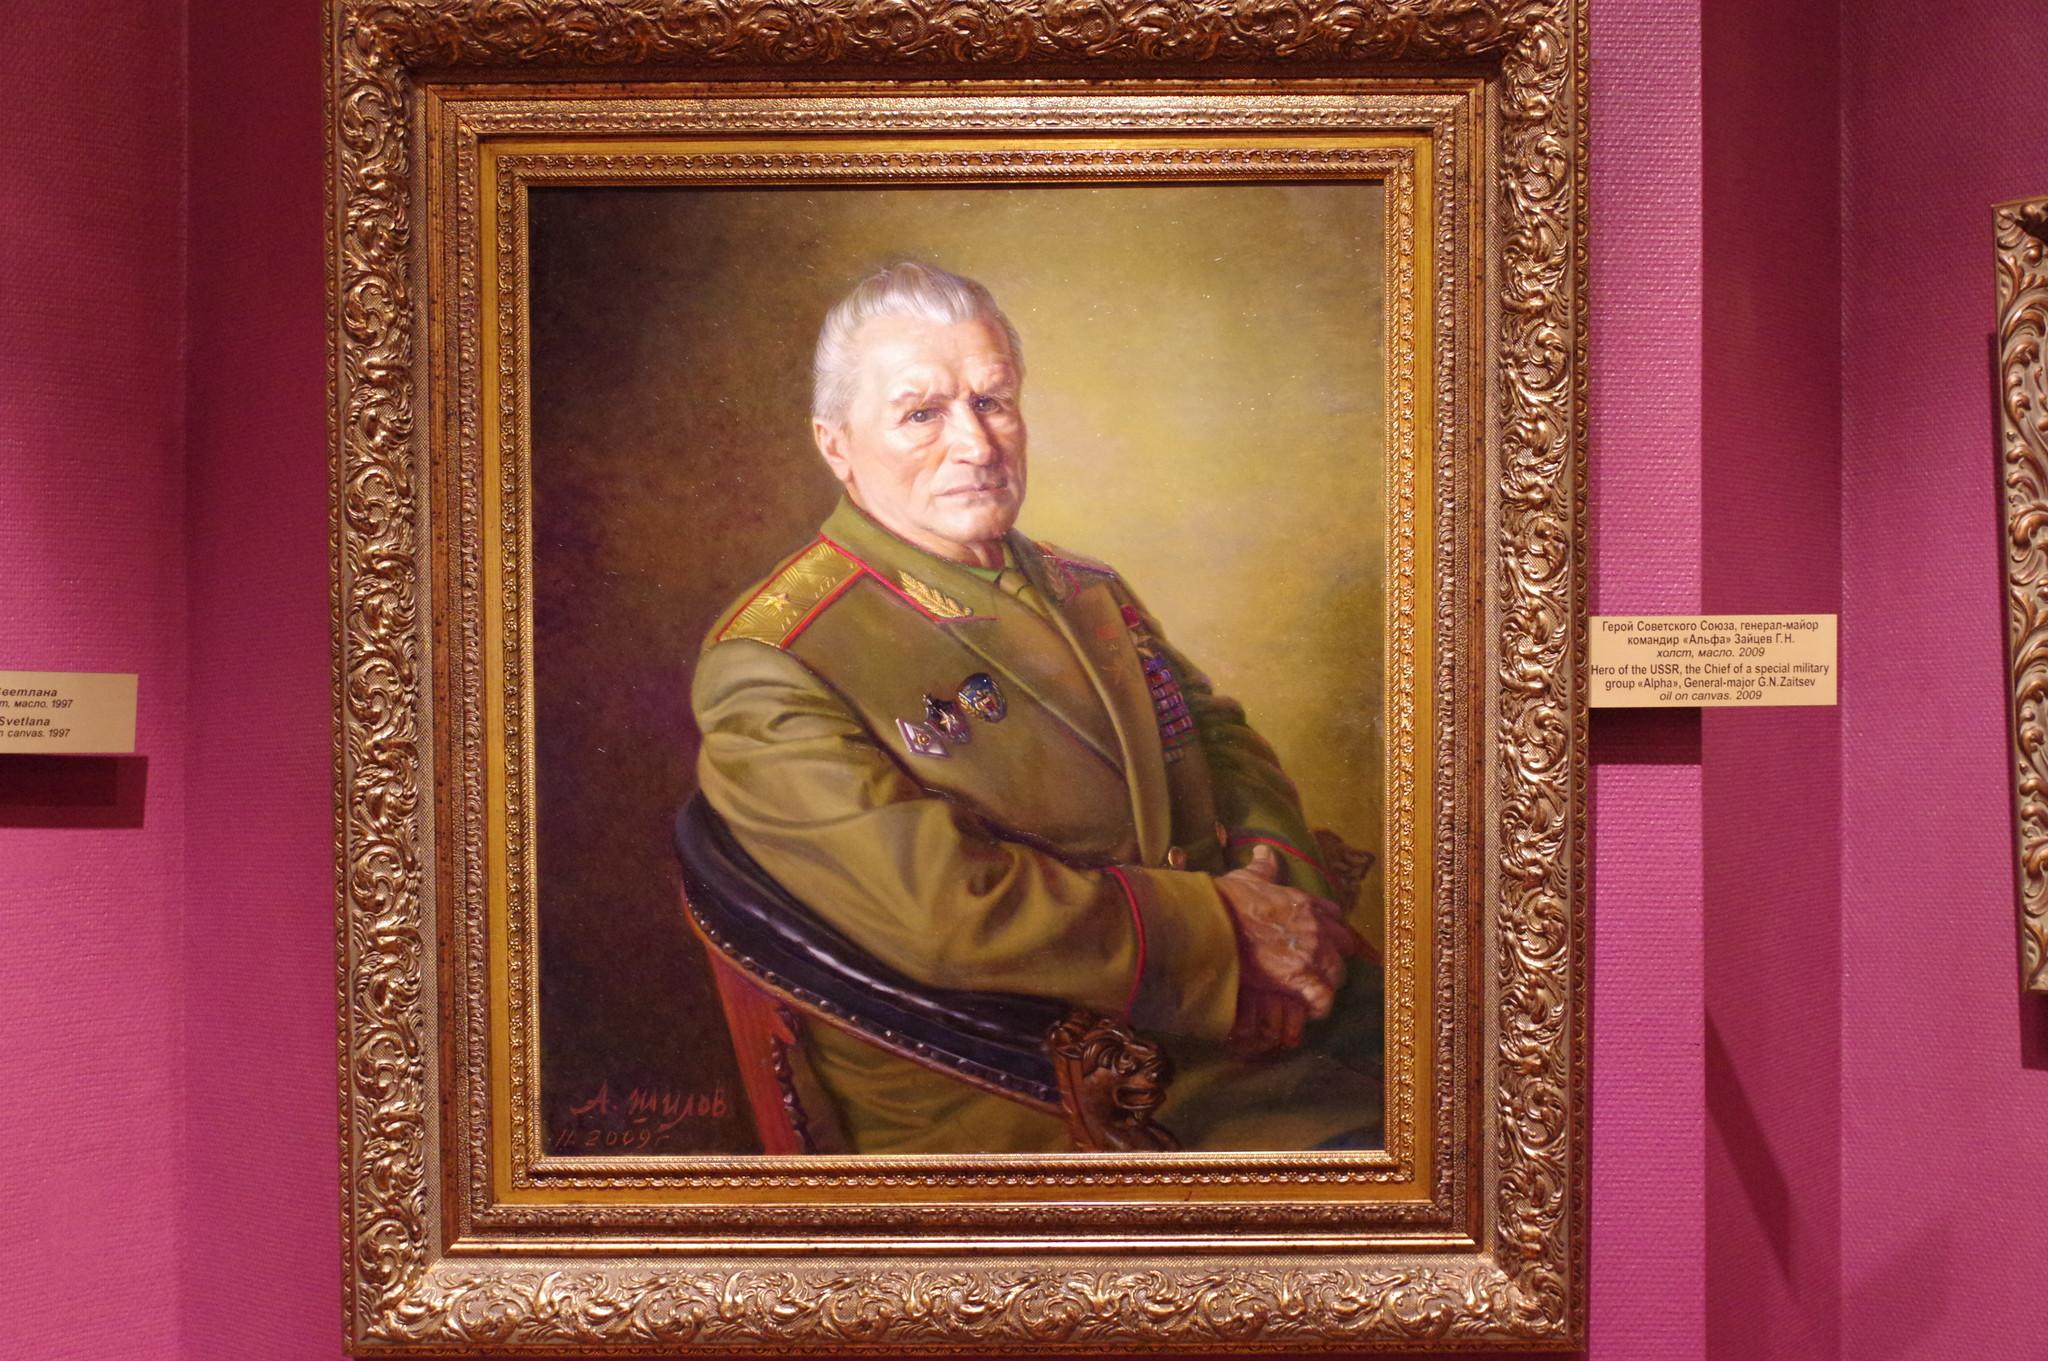 Командир группы «Альфа» Герой Советского Союза, генерал-майор Геннадий Николаевич Зайцев.(Александр Шилов, холст, масло, 2009)